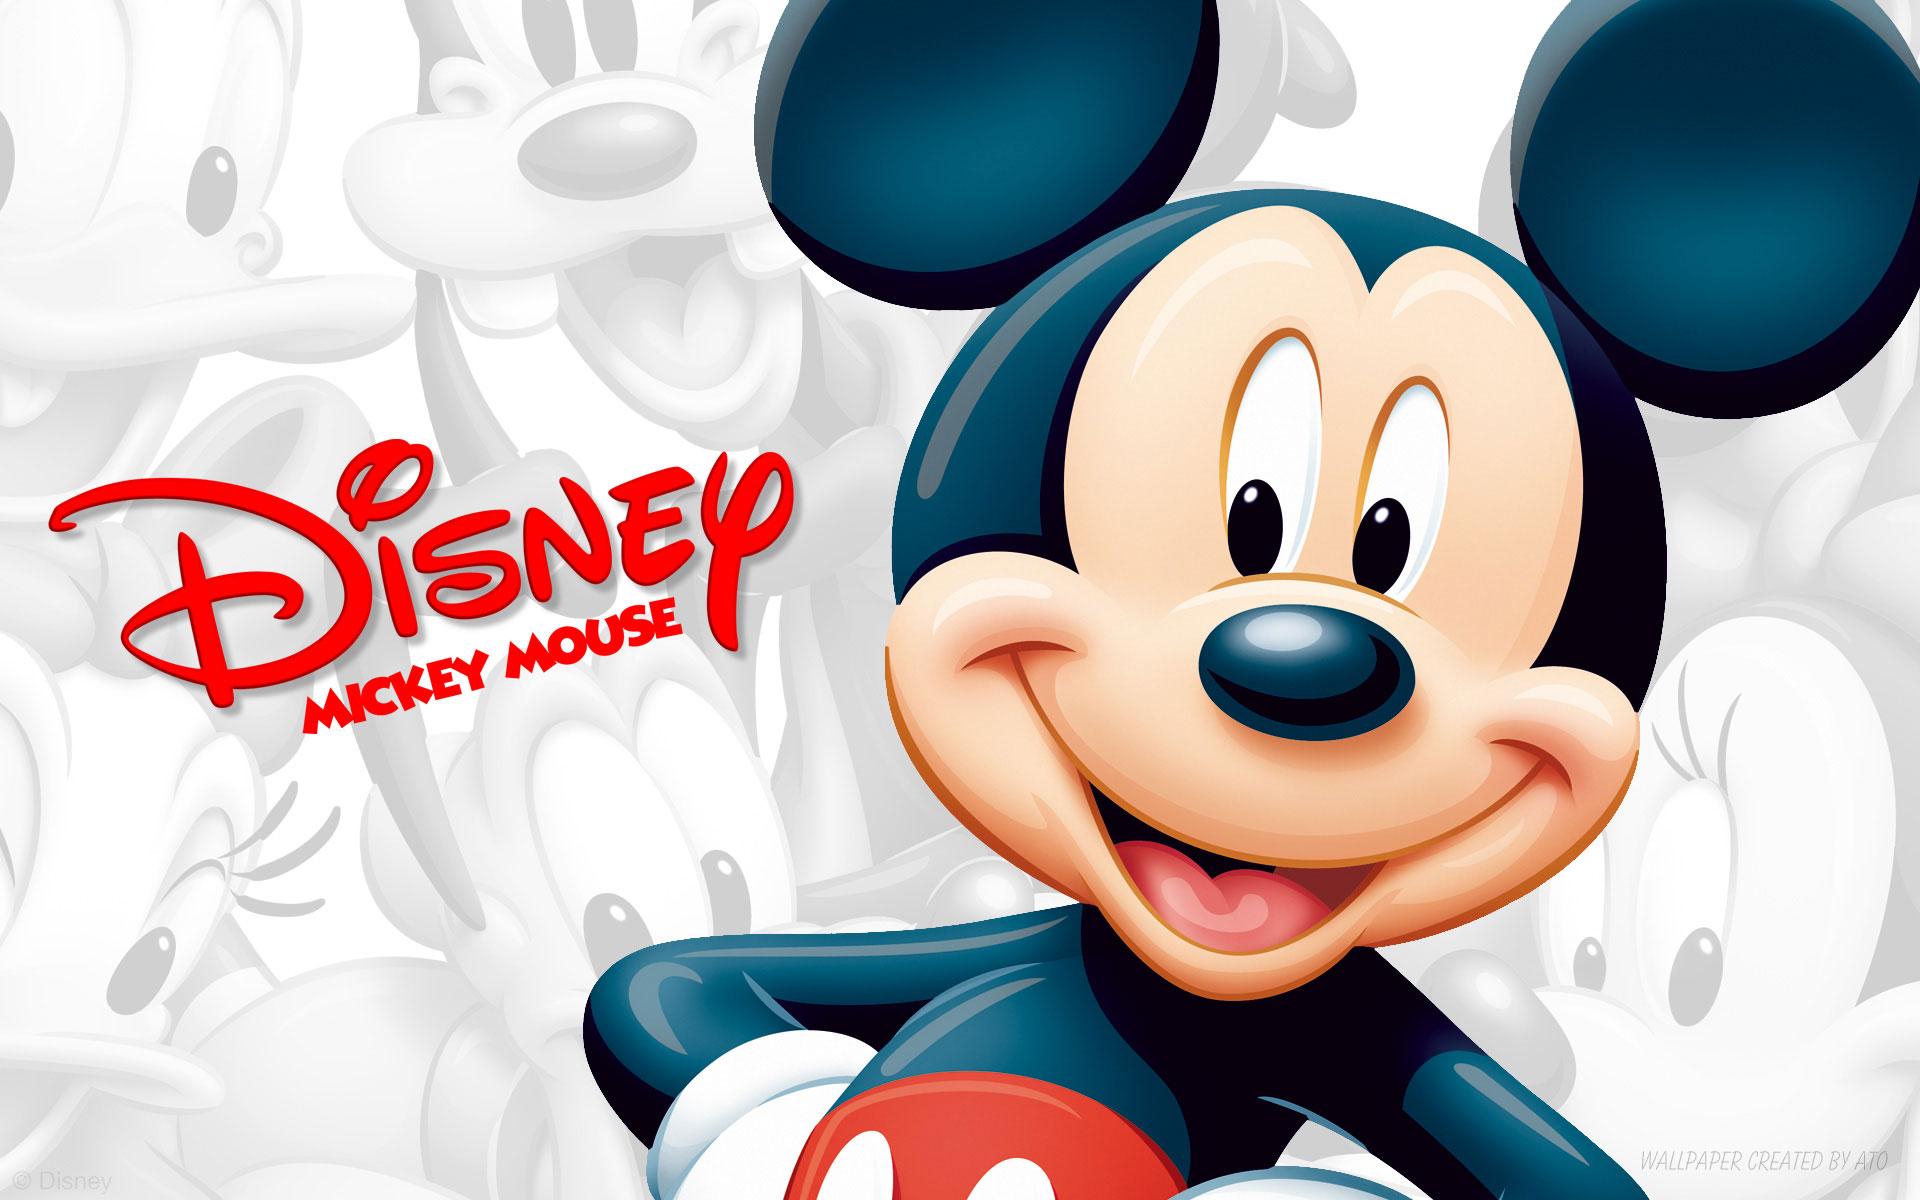 دانلود تم میکی موس برای لاین مسنجر Mickey theme